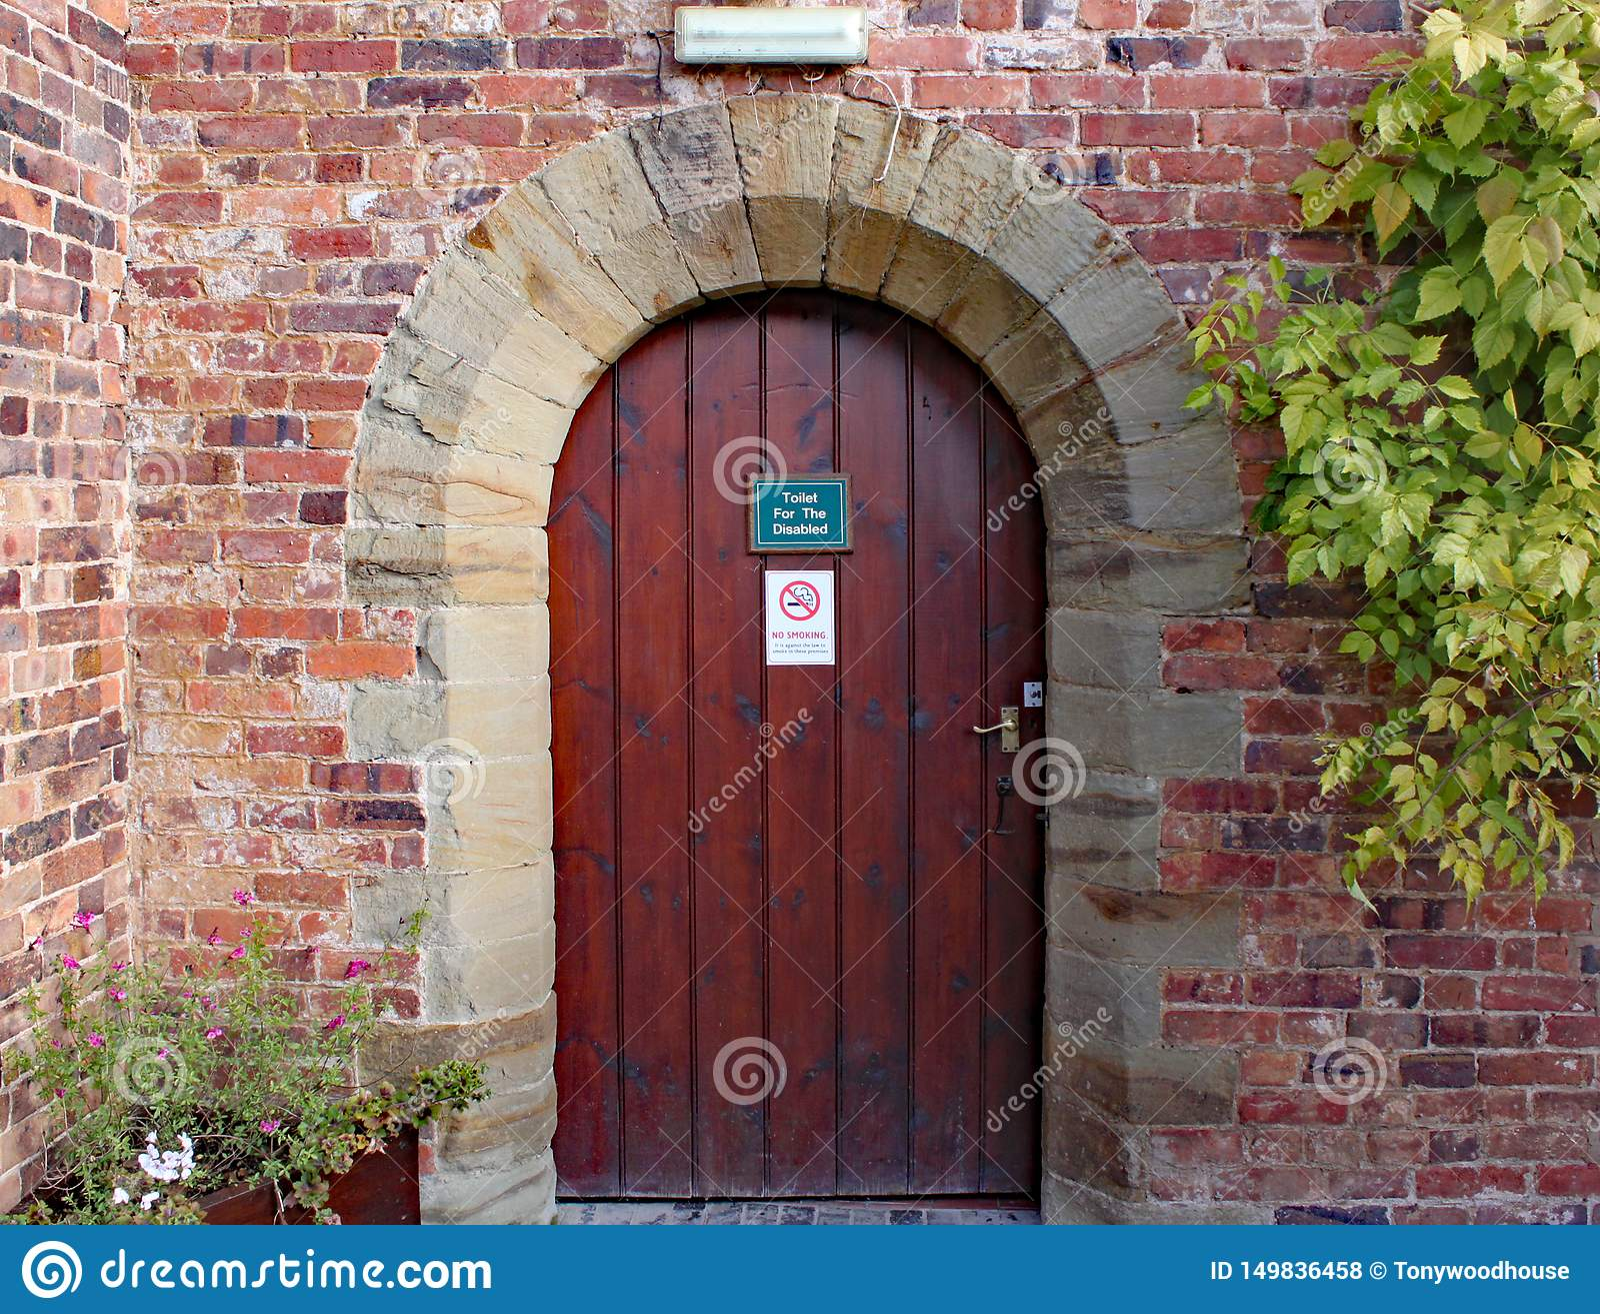 Alte Holztür zu behinderten Toiletten an Arley-Arboretum in den Midlands in England